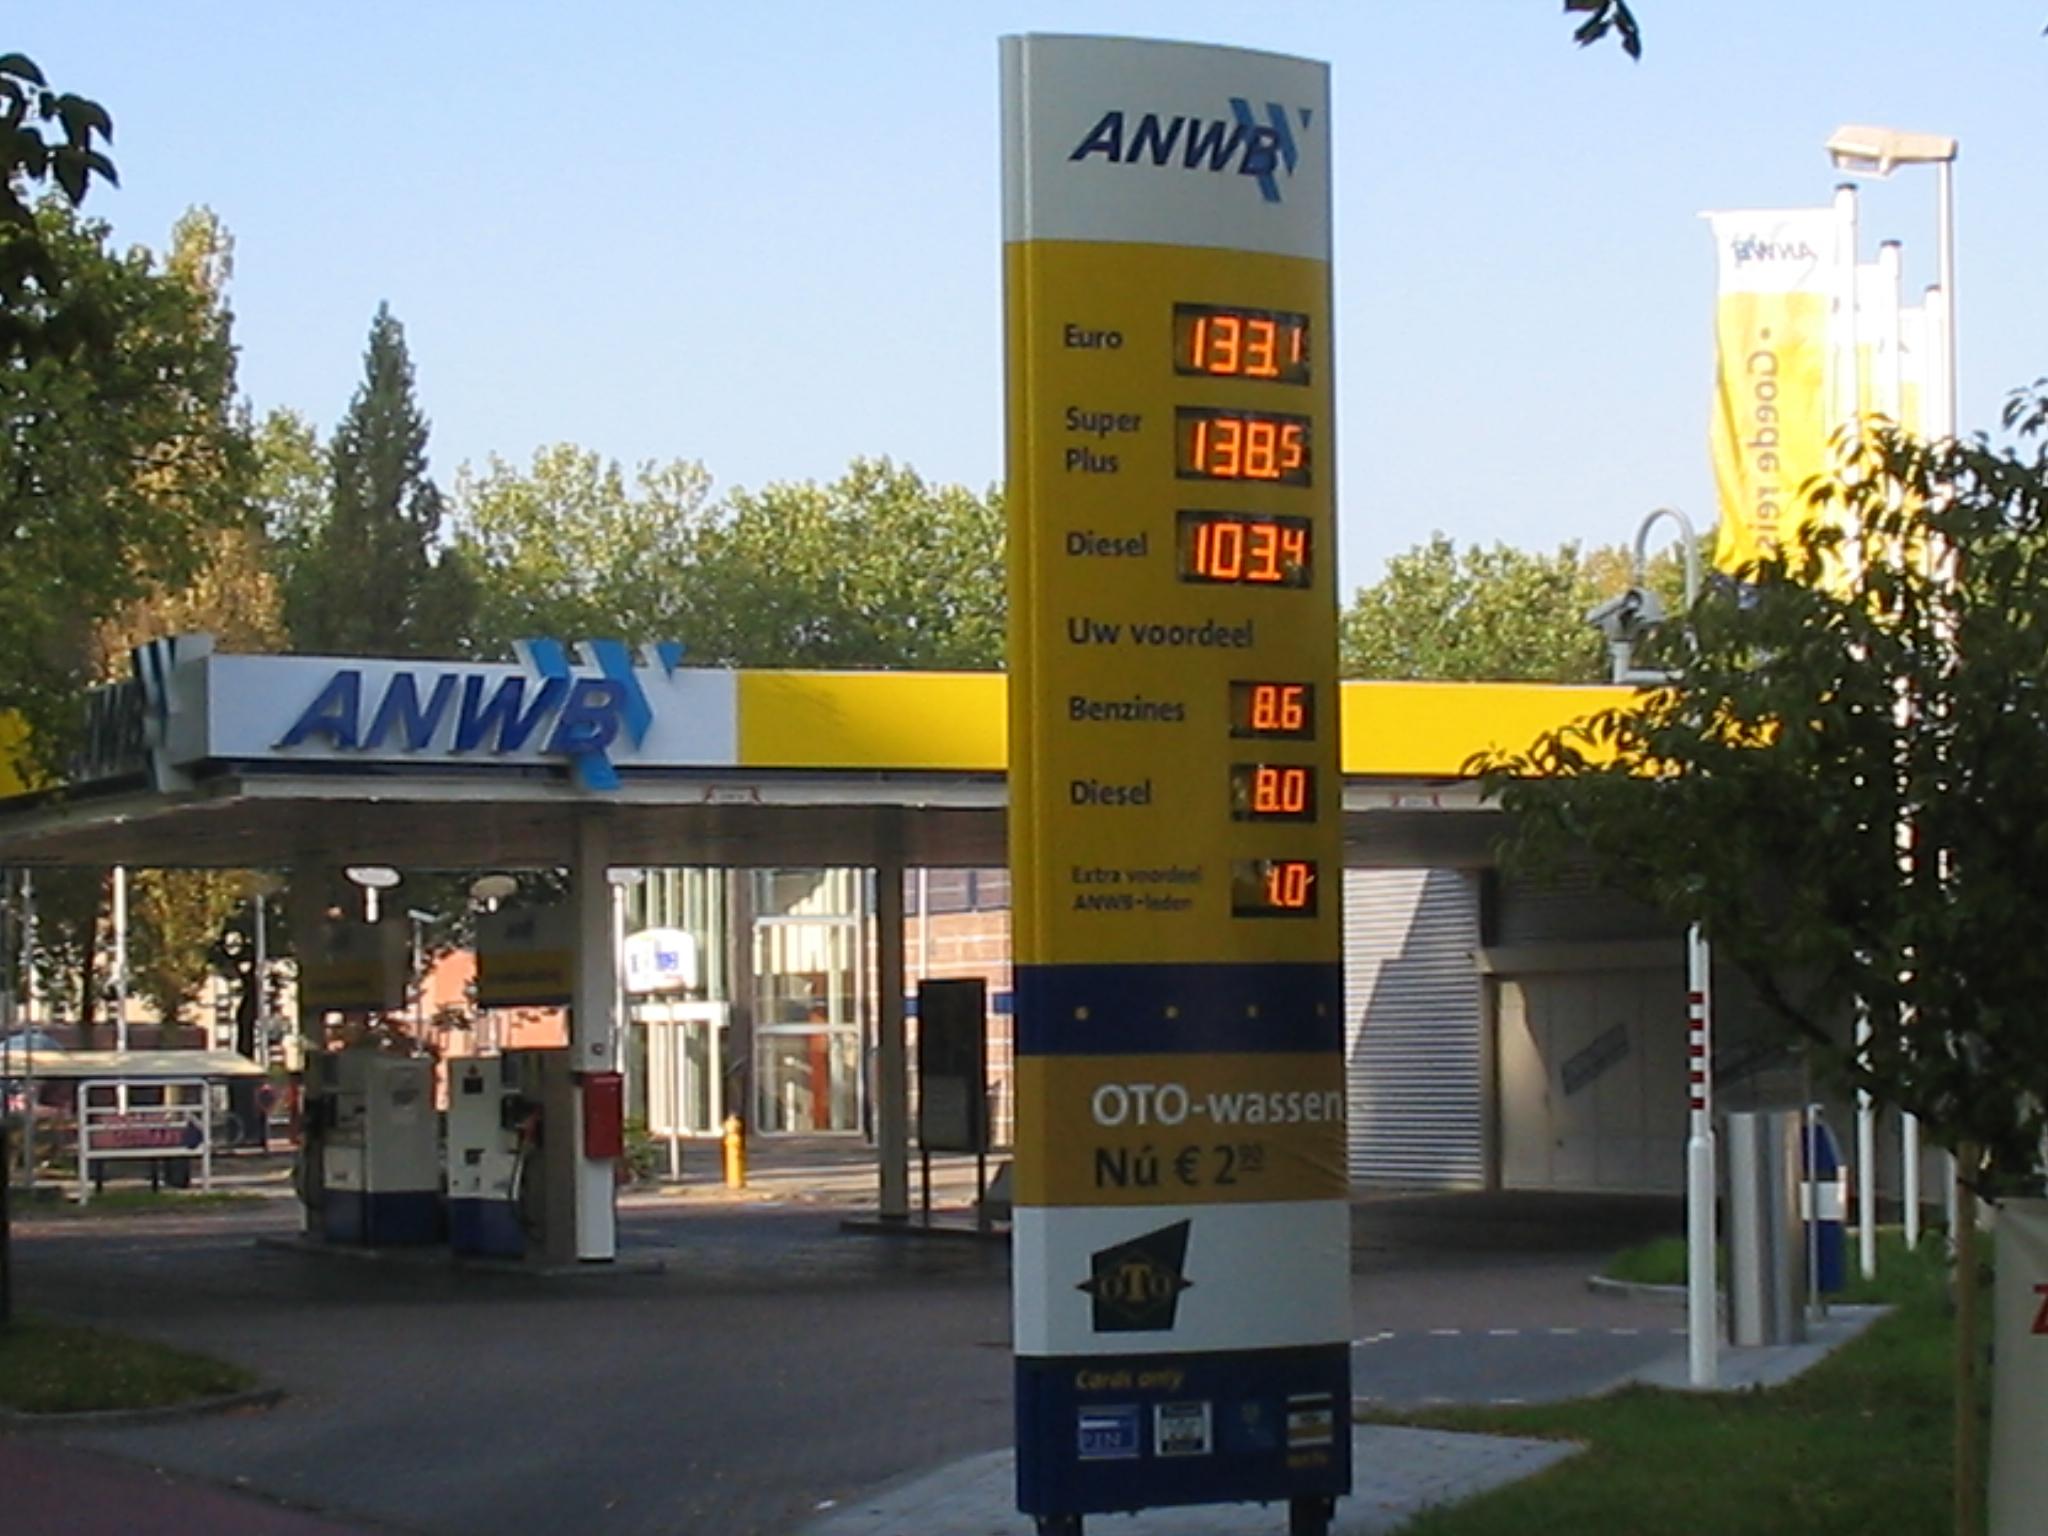 Brandstofprijzen Duitsland